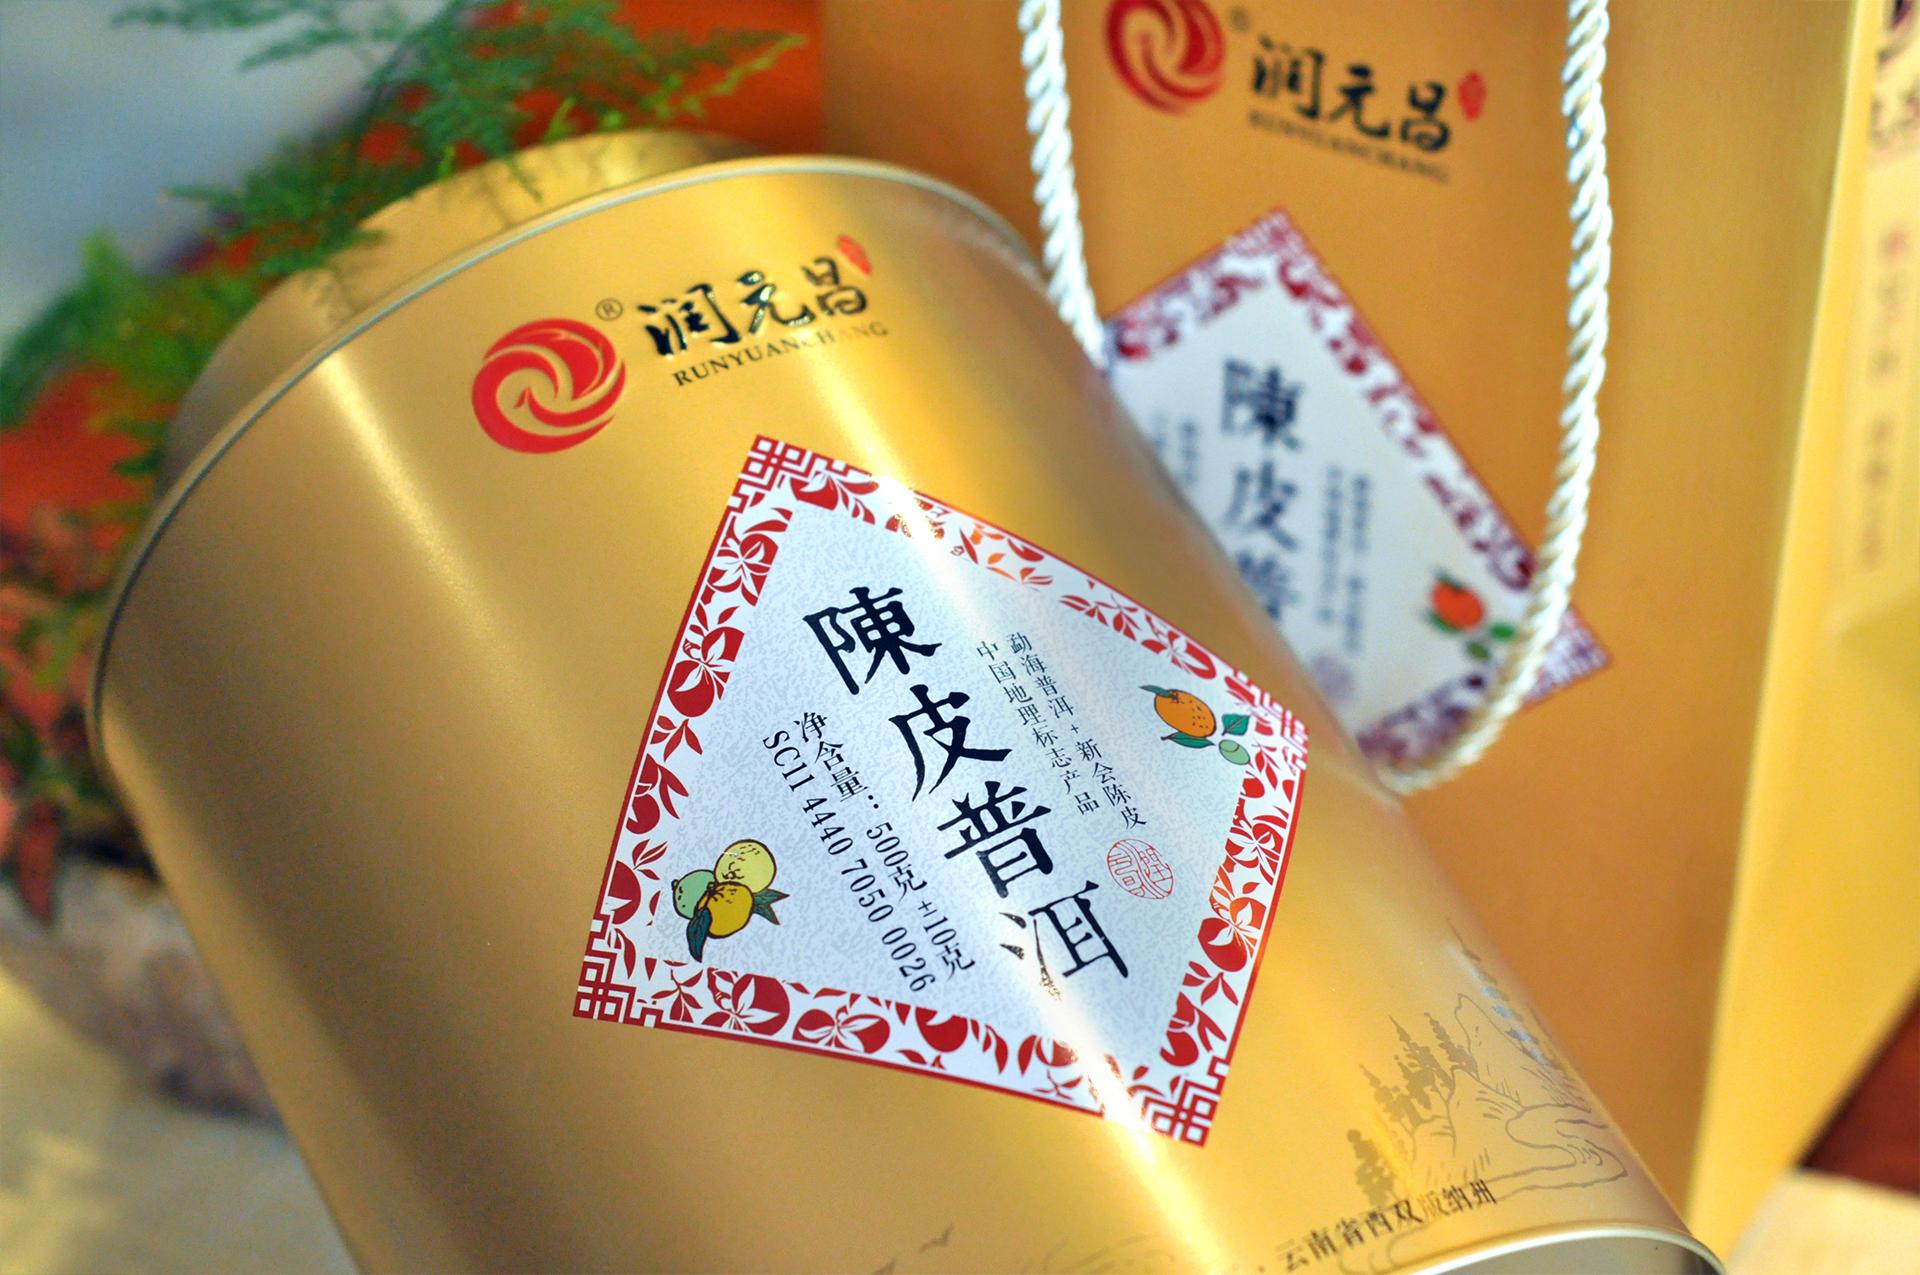 2016年陈皮普洱金罐-500克6